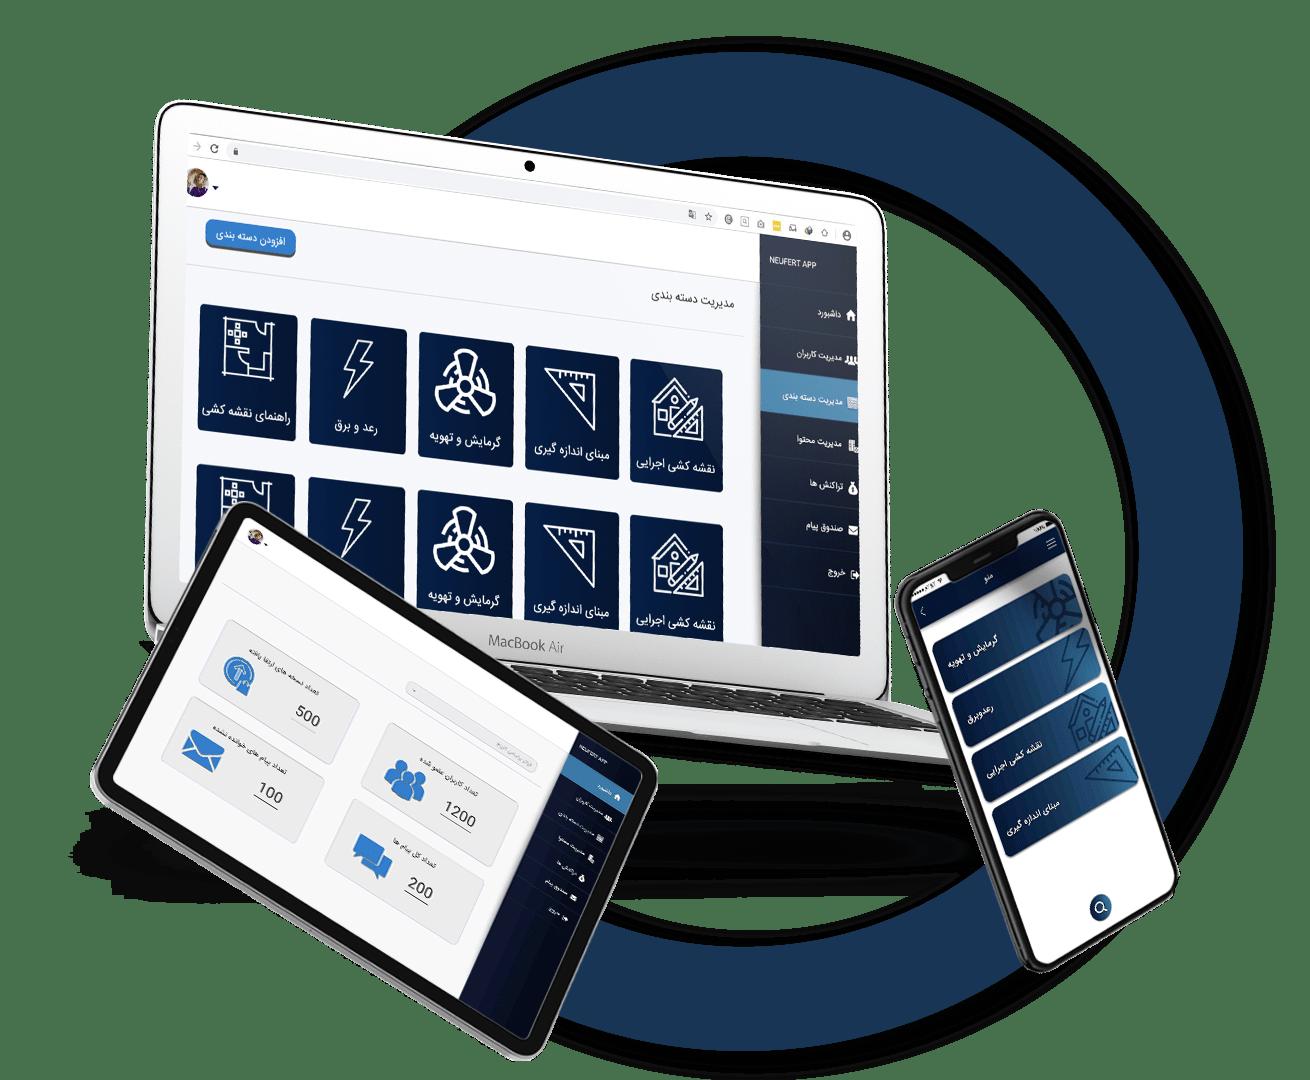 طراحی وب اپلیکیشن   ساخت وب اپلیکیشن   وب اپ   وب اپلیکیشن